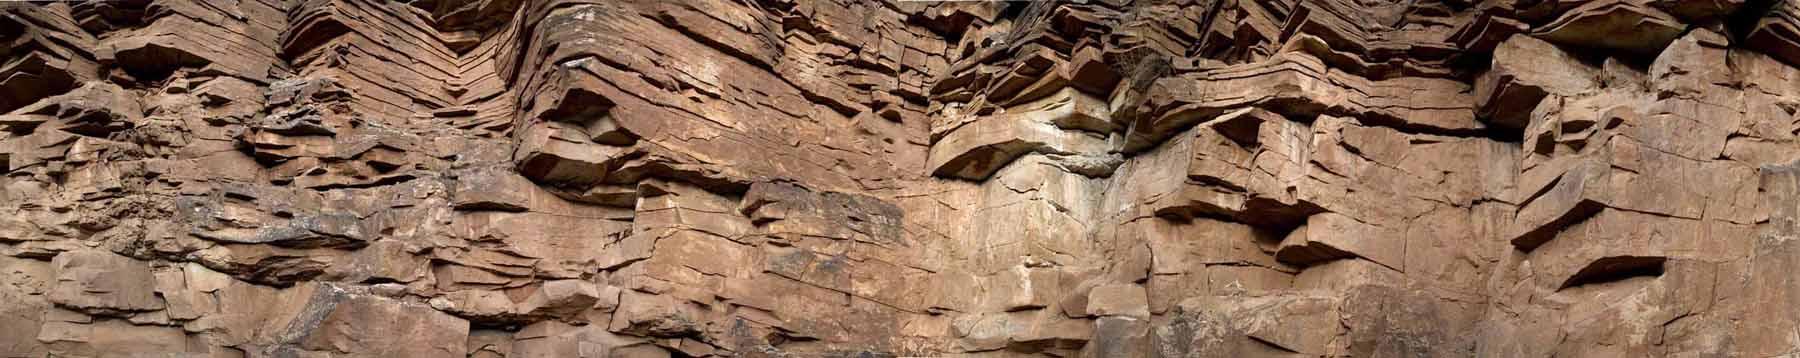 10-2-16 Telluride 100ft Wall